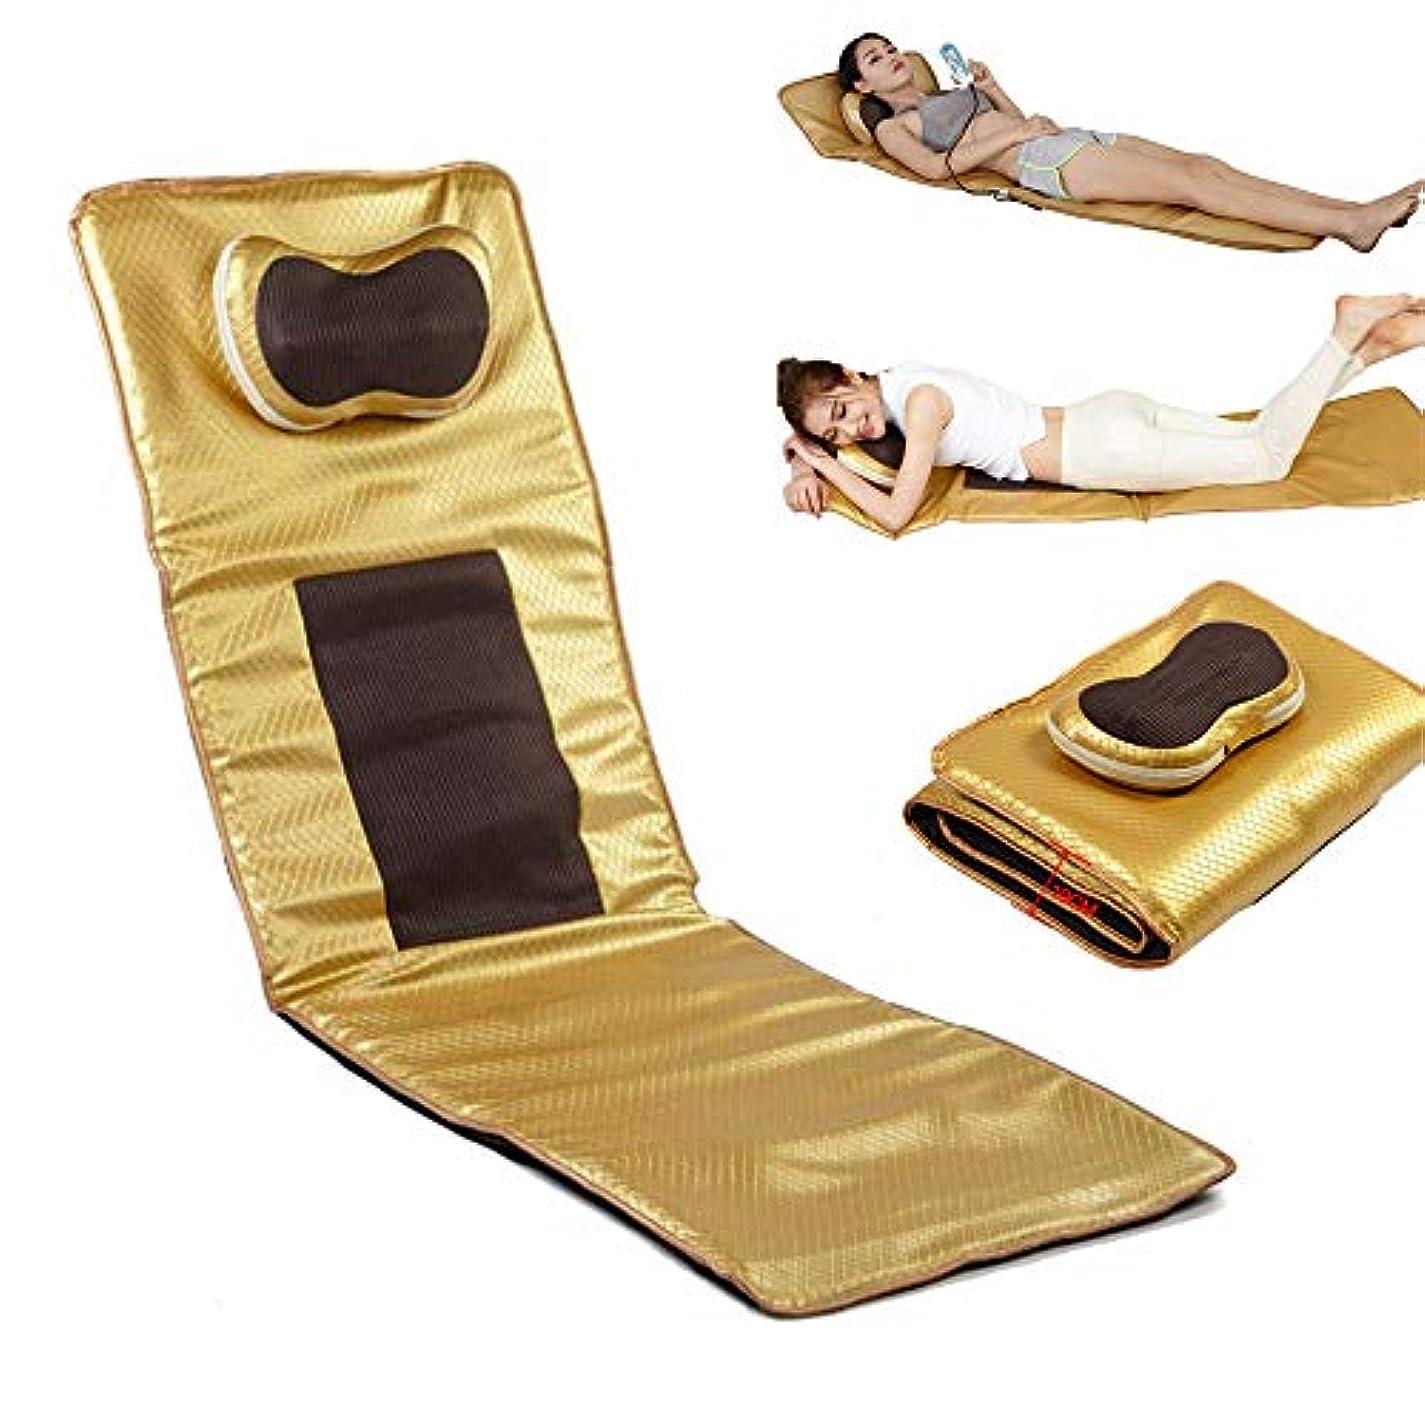 接辞神経障害受け皿ボディを和らげるためにマットレスマッサージマッサージ枕とマッサージマット、痛みフルボディマッサージ折り畳み式の多機能電気暖房